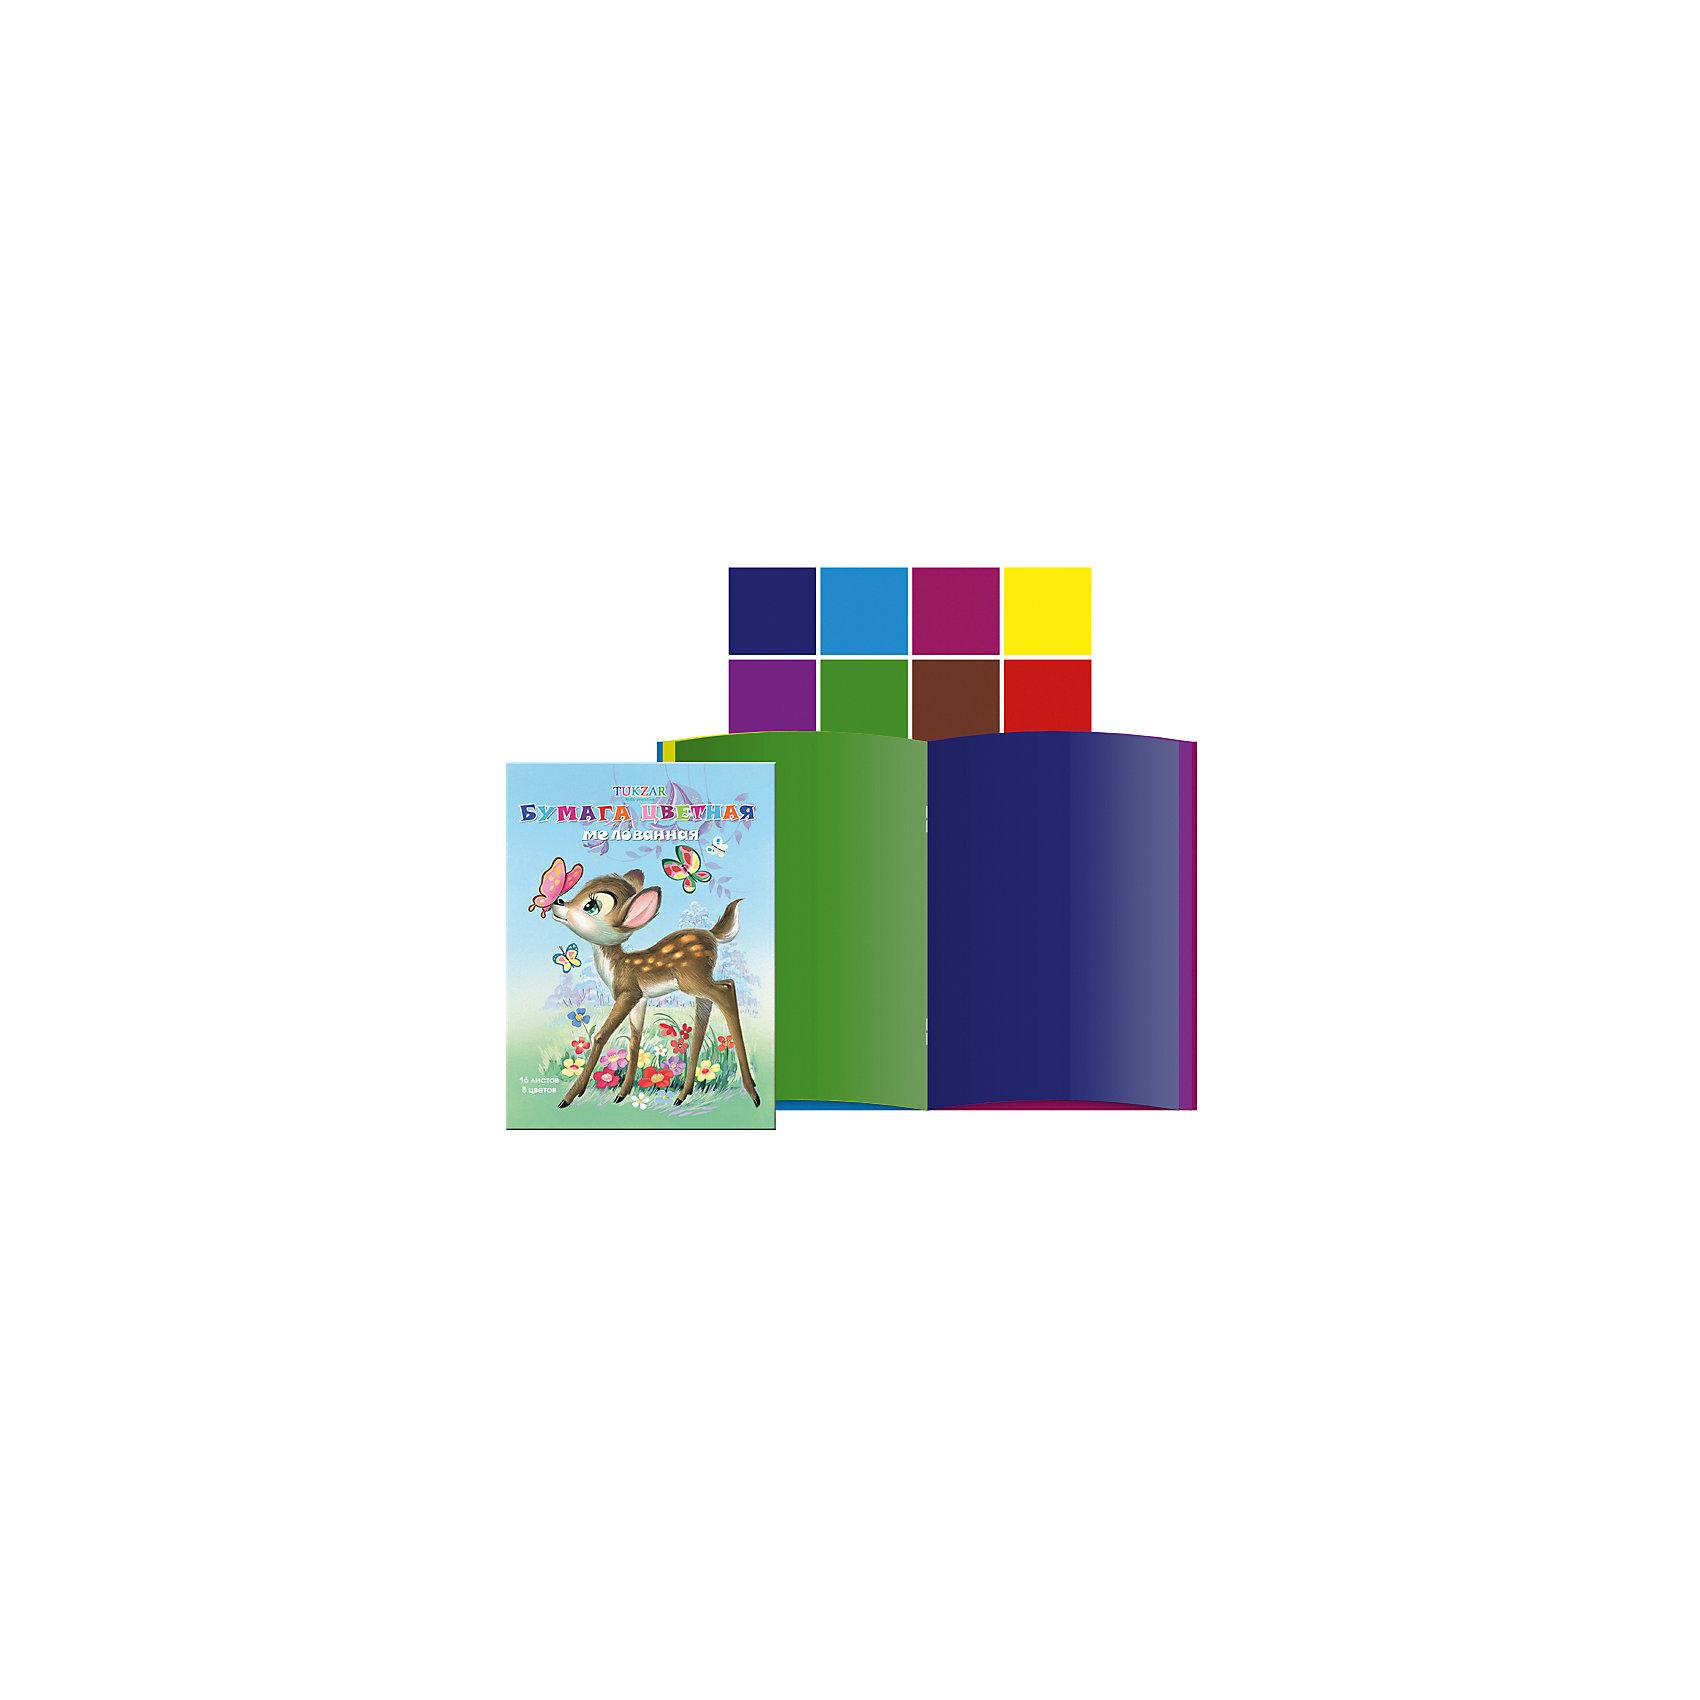 TUKZAR Цветная бумага А4, 8 цветов, 16 листов paw patrol бумага цветная 16 листов 8 цветов